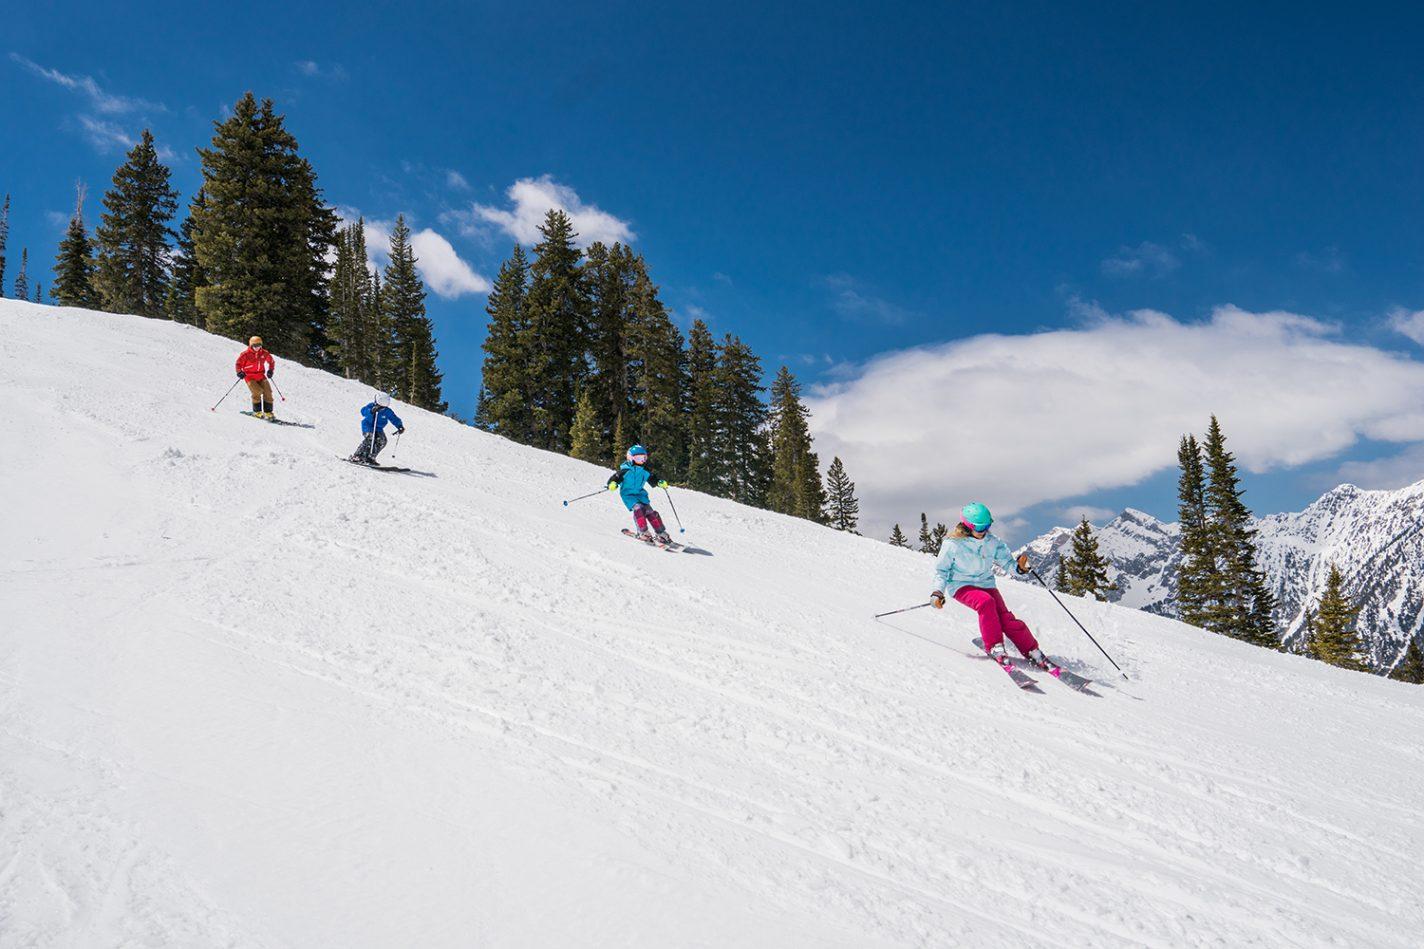 Geniet van schitterende winterlandschappen - wintersport in Snowbird